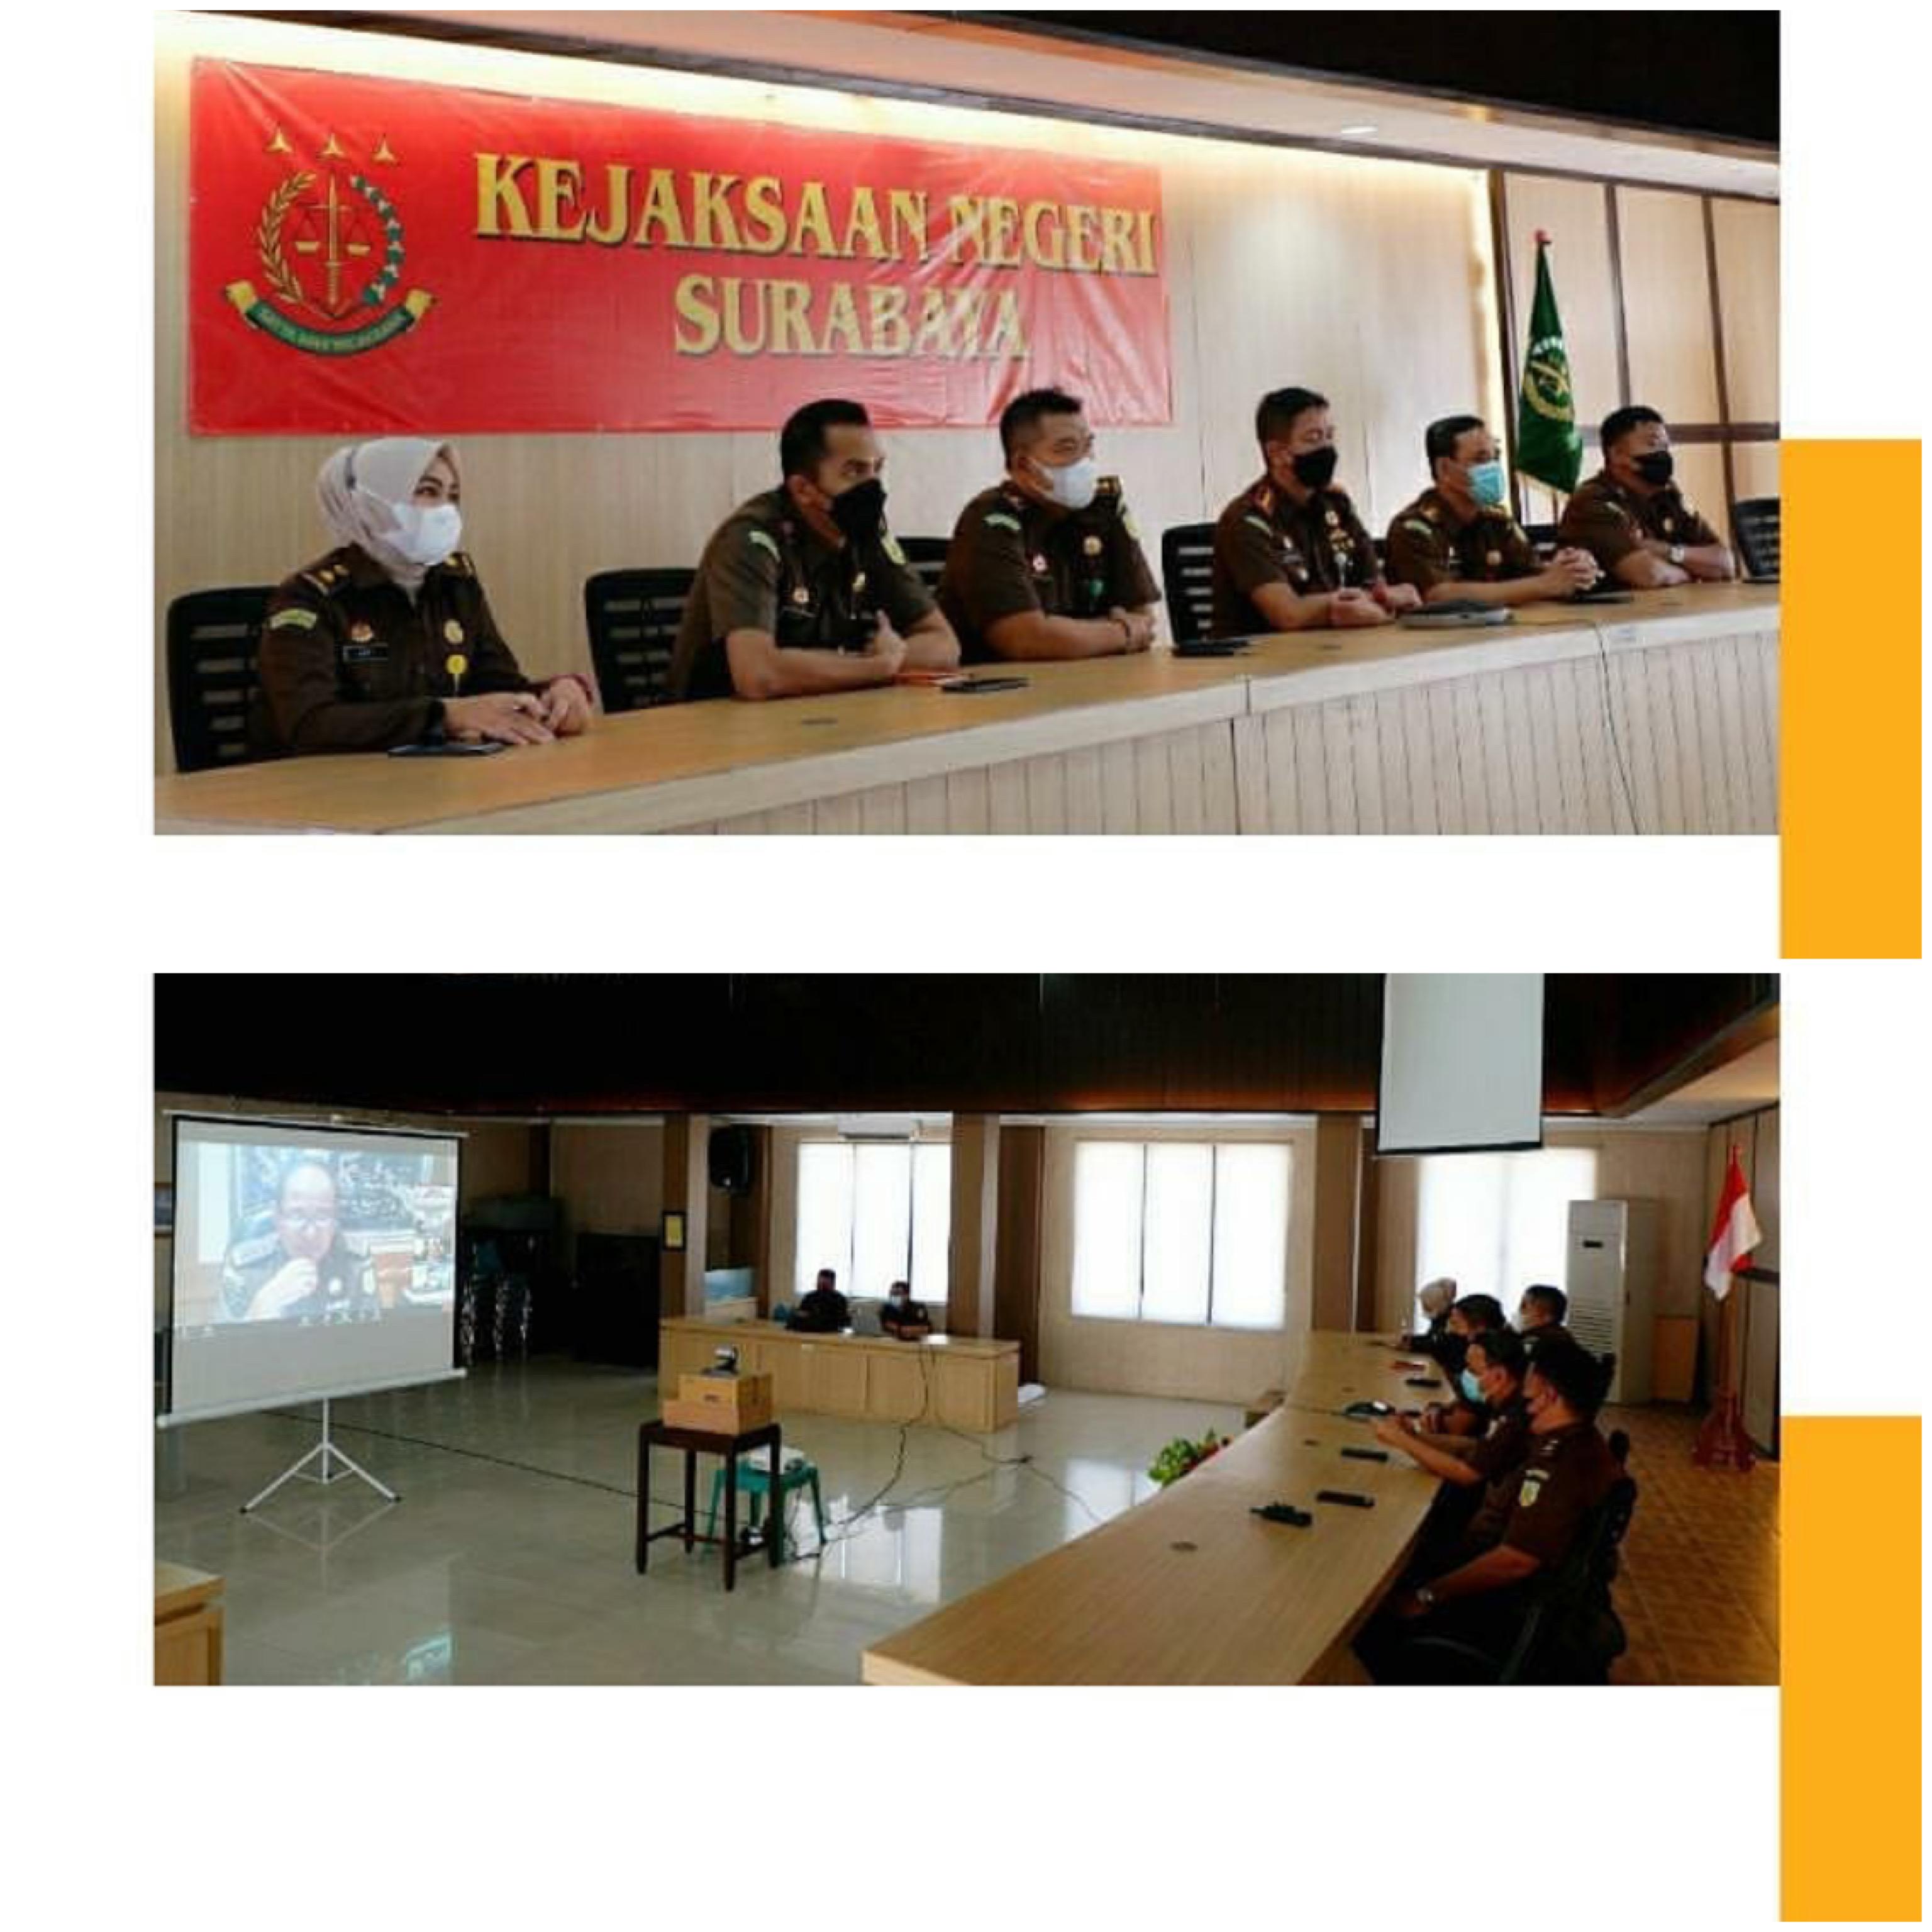 Sosialisasi dan Internalisasi Ketua Tim Pengarah Reformasi Birokrasi Kejaksaan RI 20-04-2021